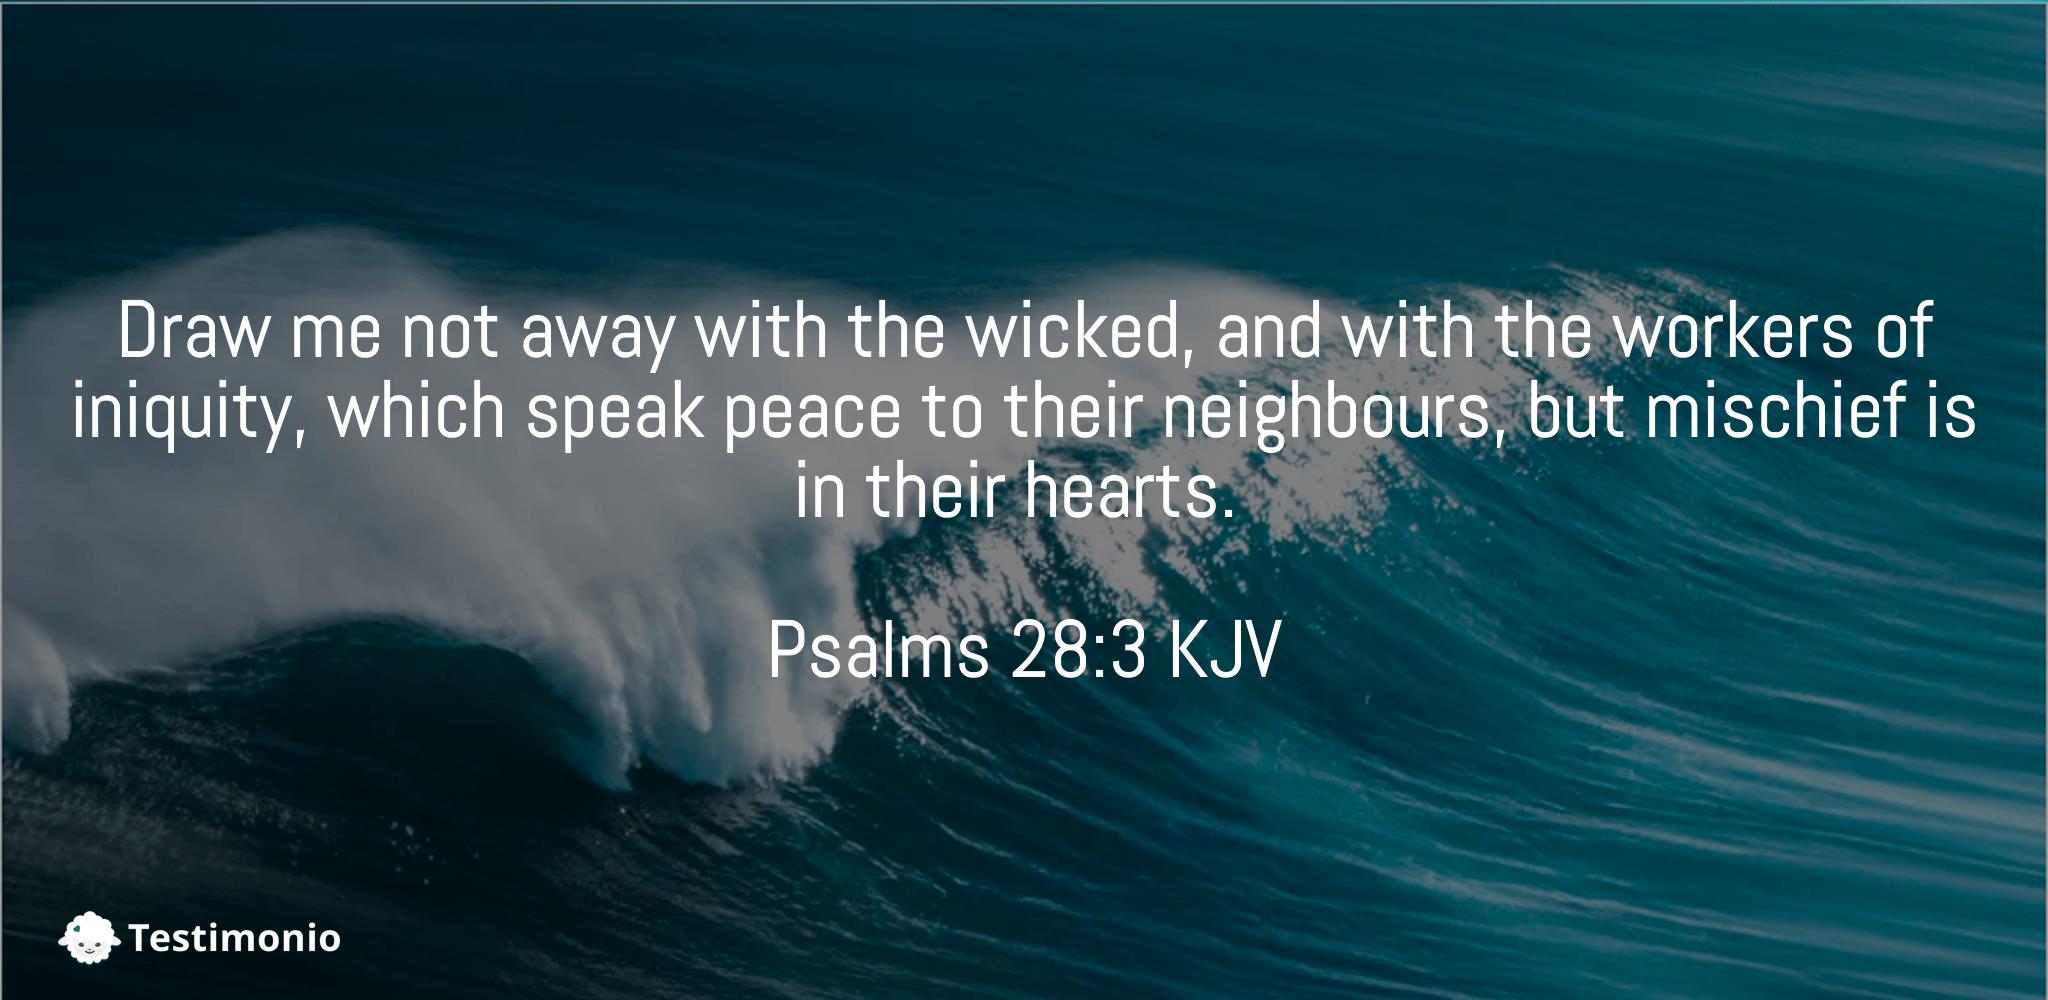 Psalms 28:3